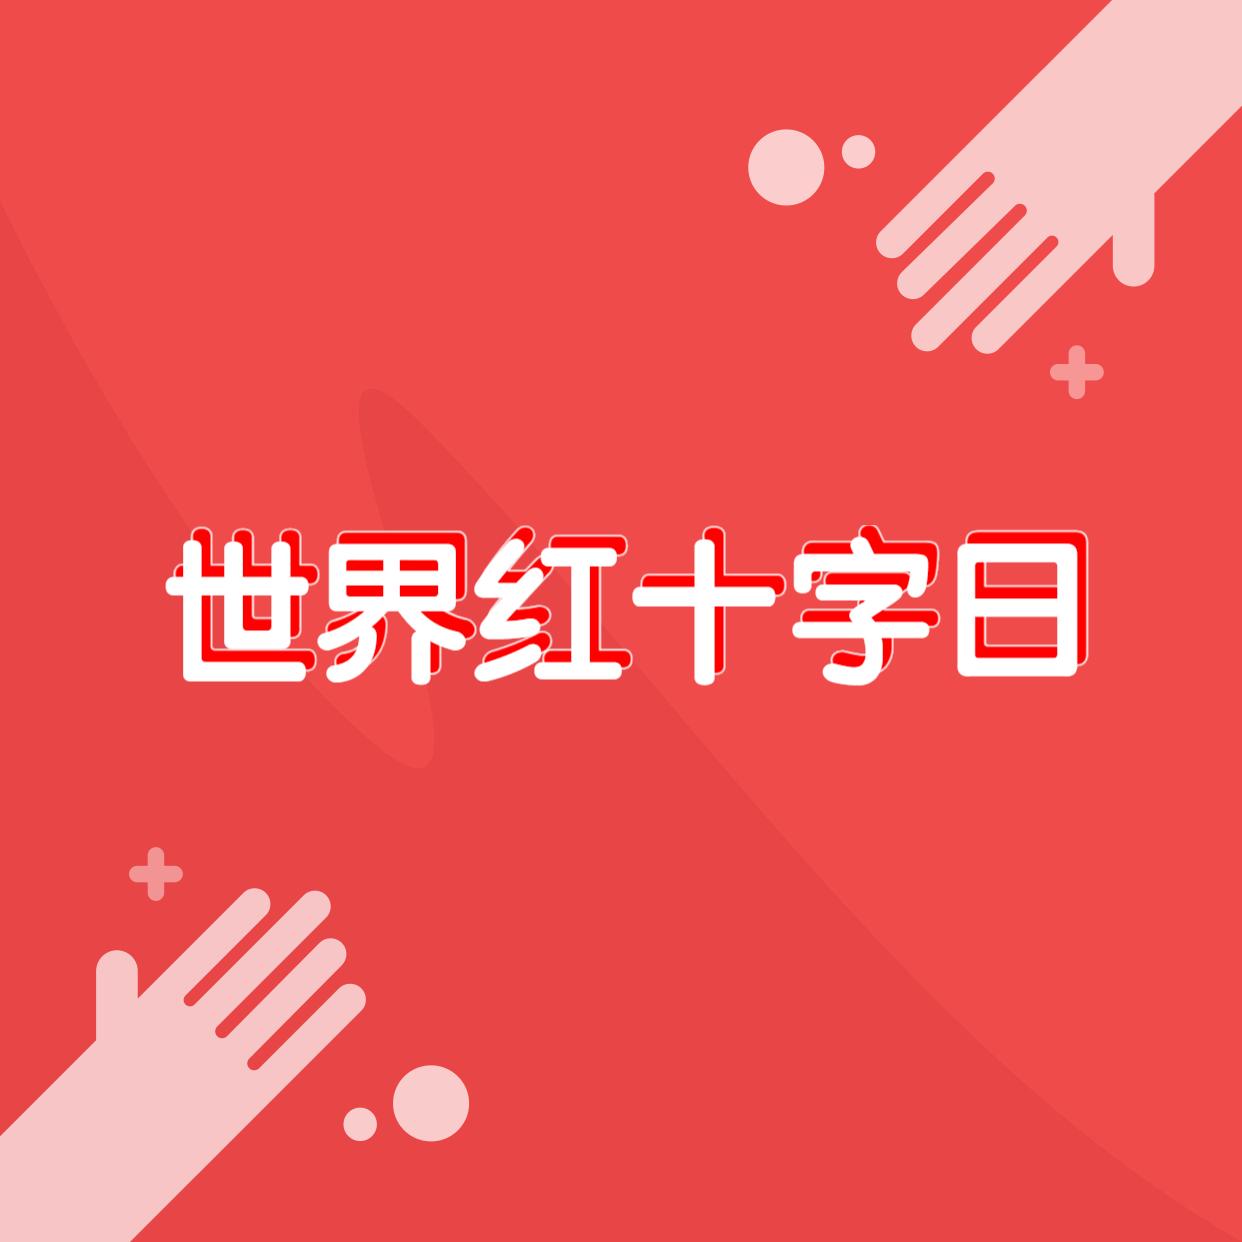 世界红十字日朋友圈封面